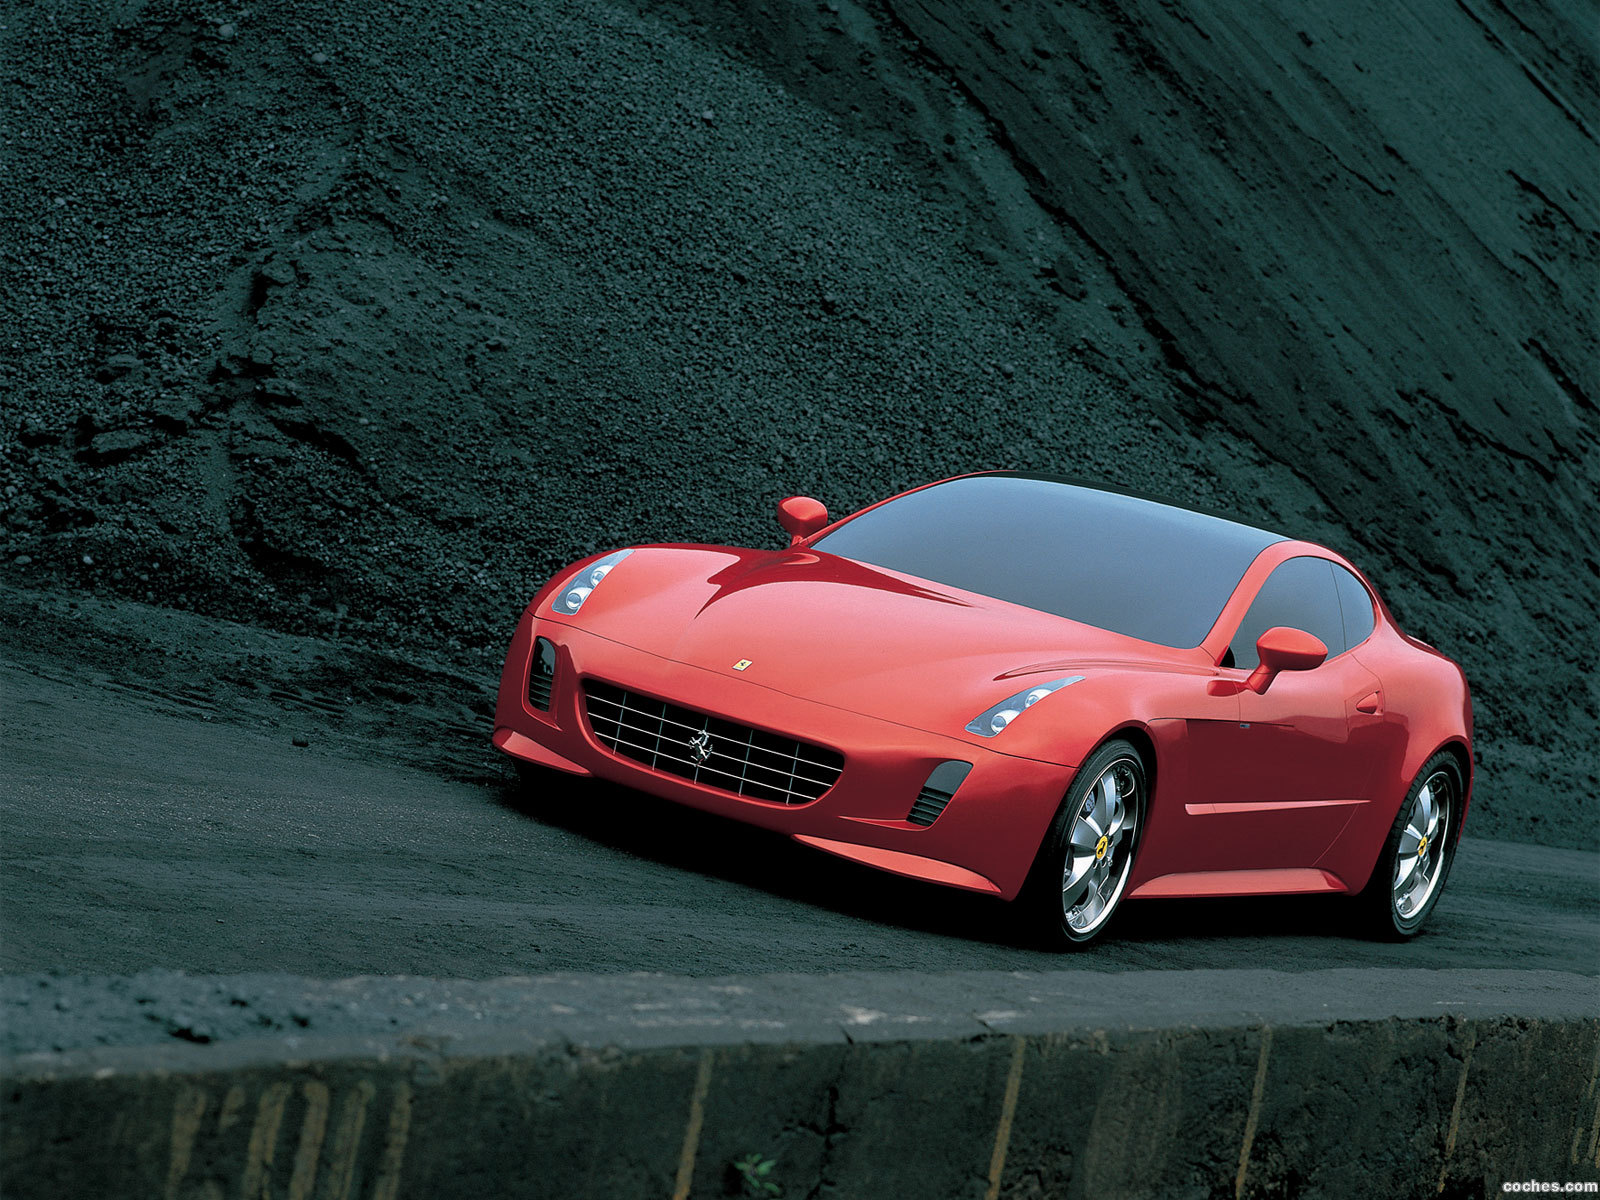 Foto 0 de Ferrari GG50 Concept 2005